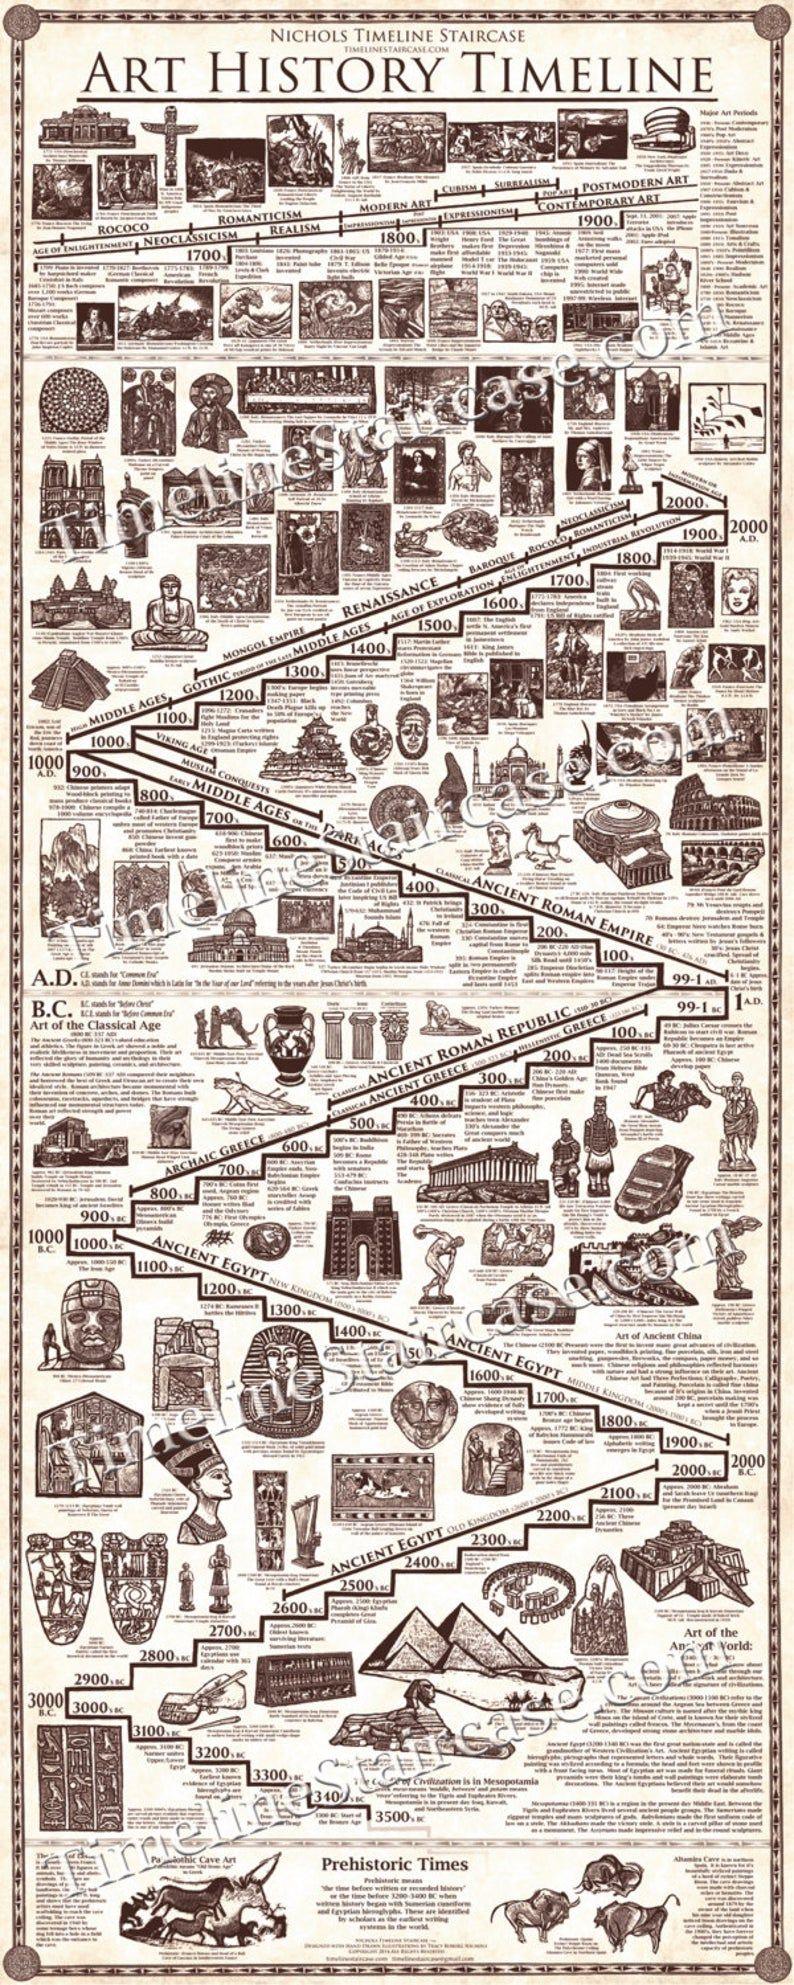 Capolavori di ART HISTORY TIMELINE Poster- 5 ft alto per 2 ft di larghezza – Tutte le illustrazioni disegnate a mano